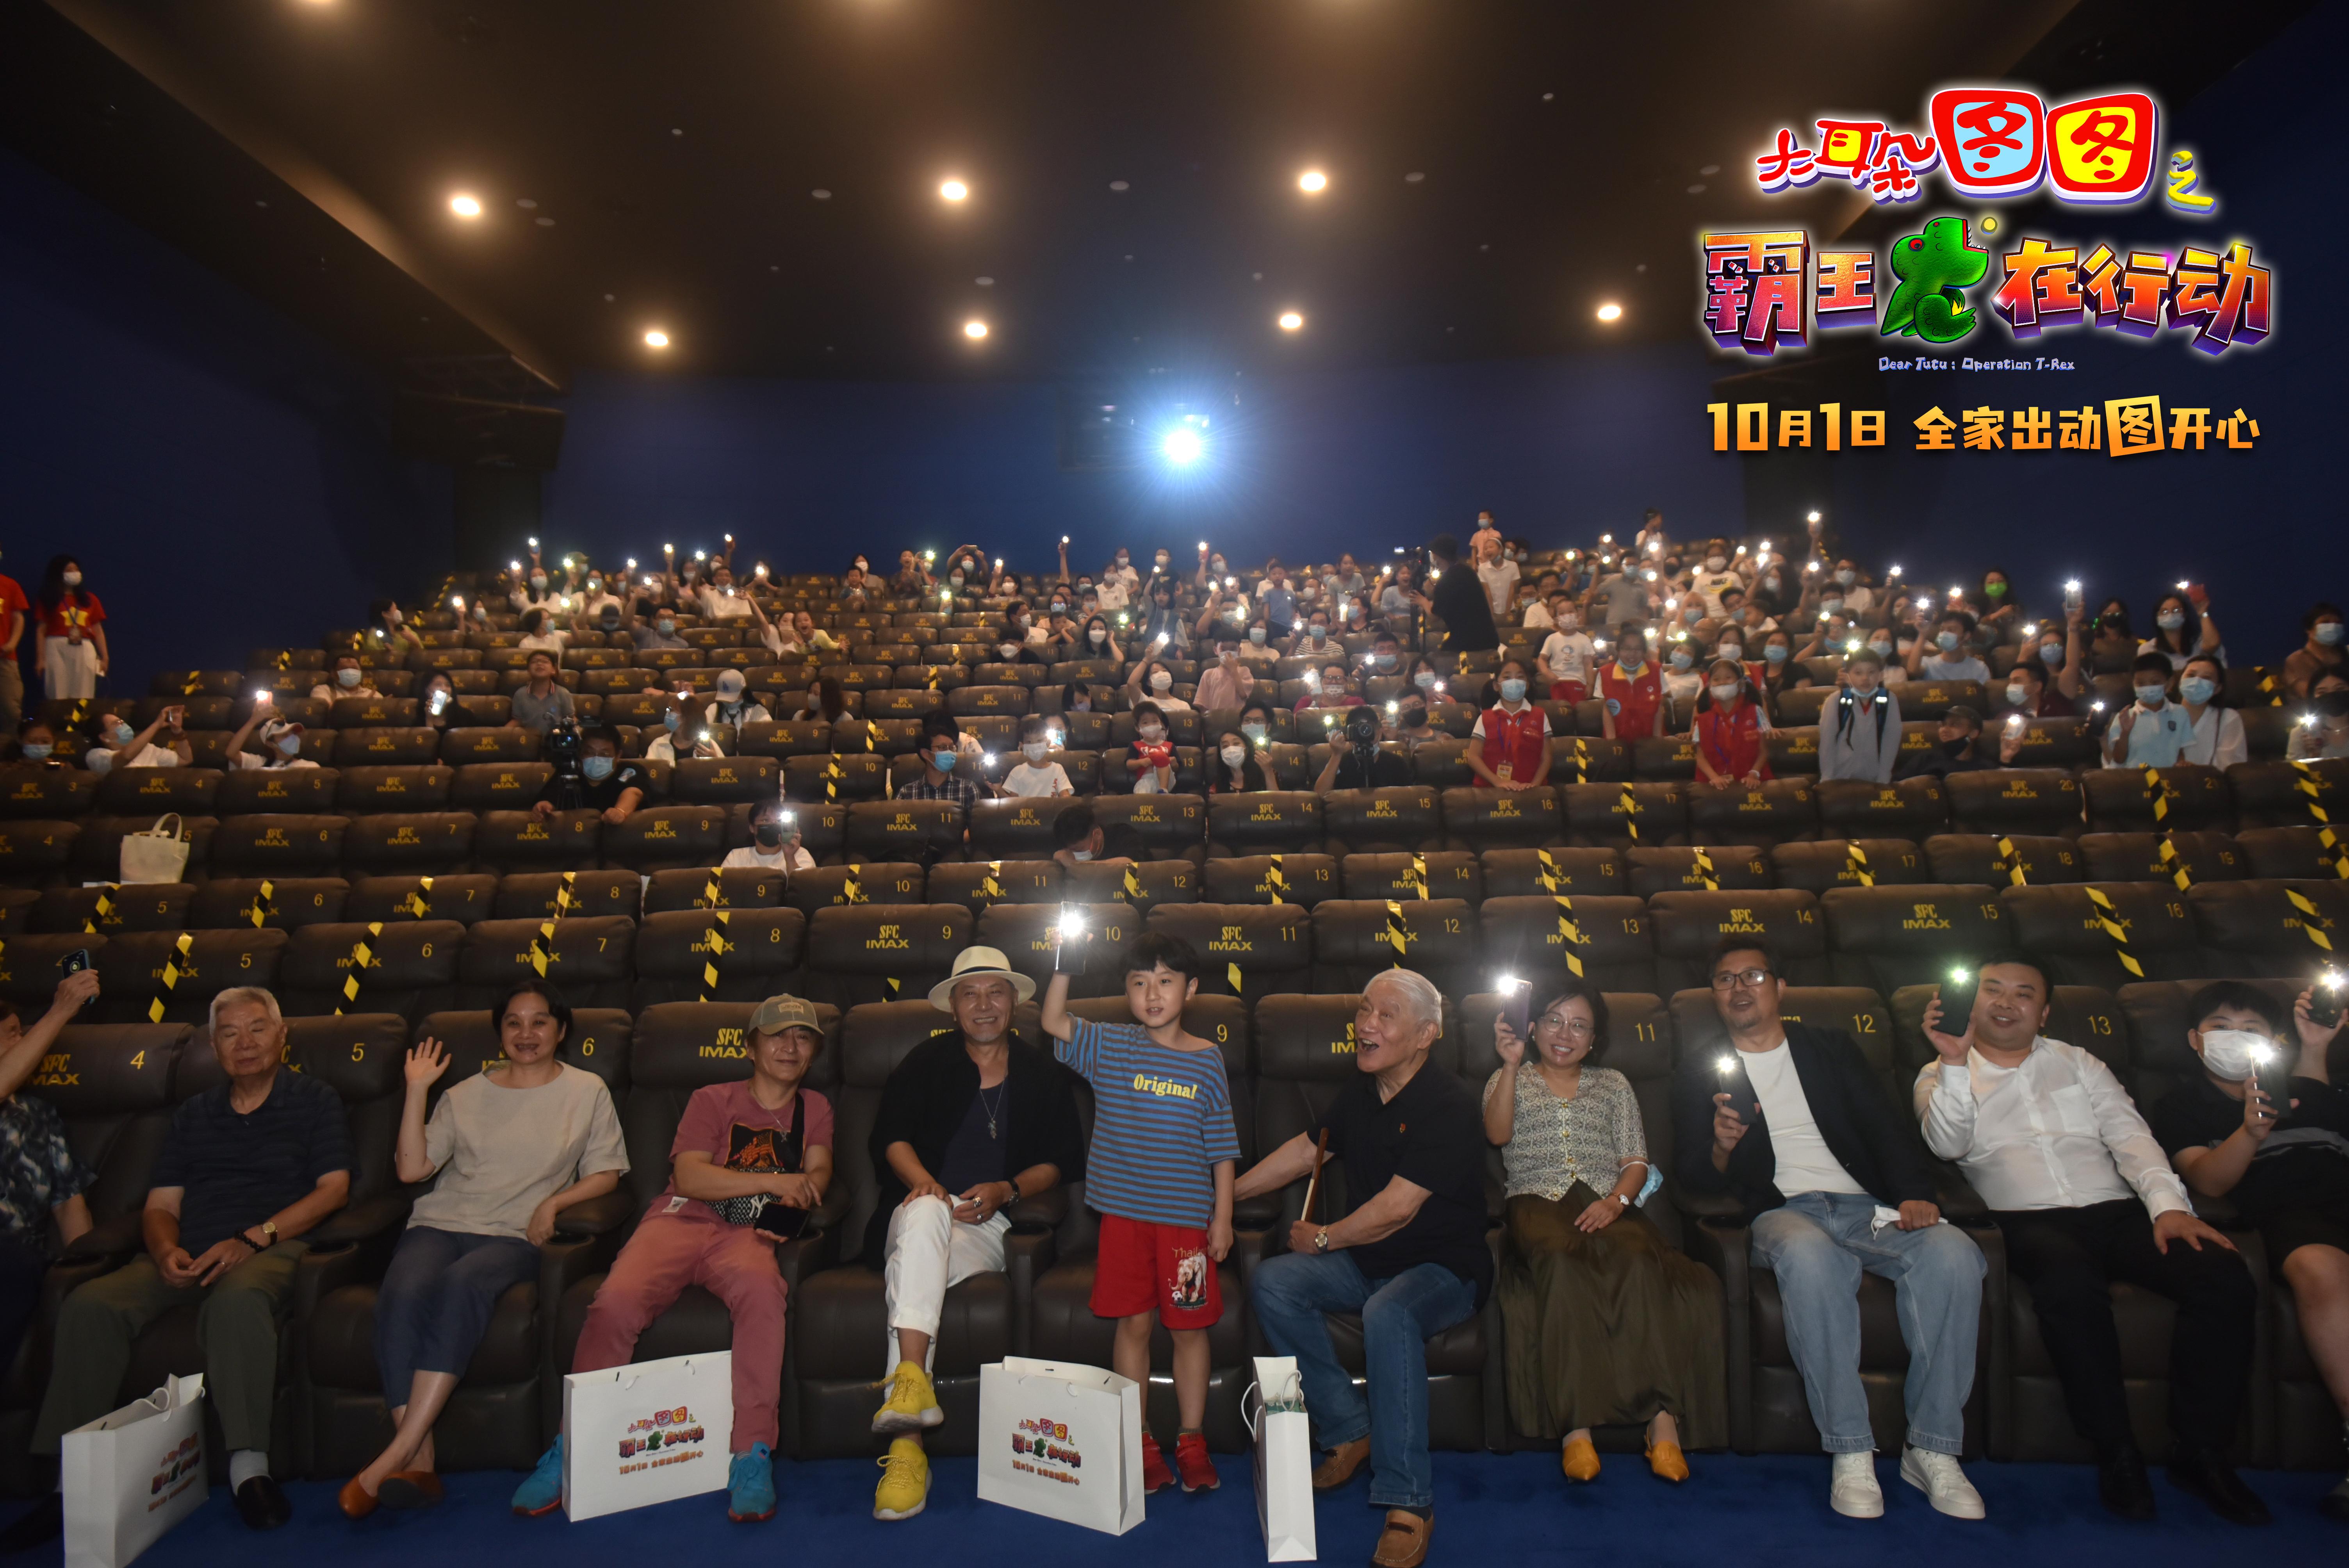 《大耳朵图图》大电影上海首映 导演速达分享温暖感动